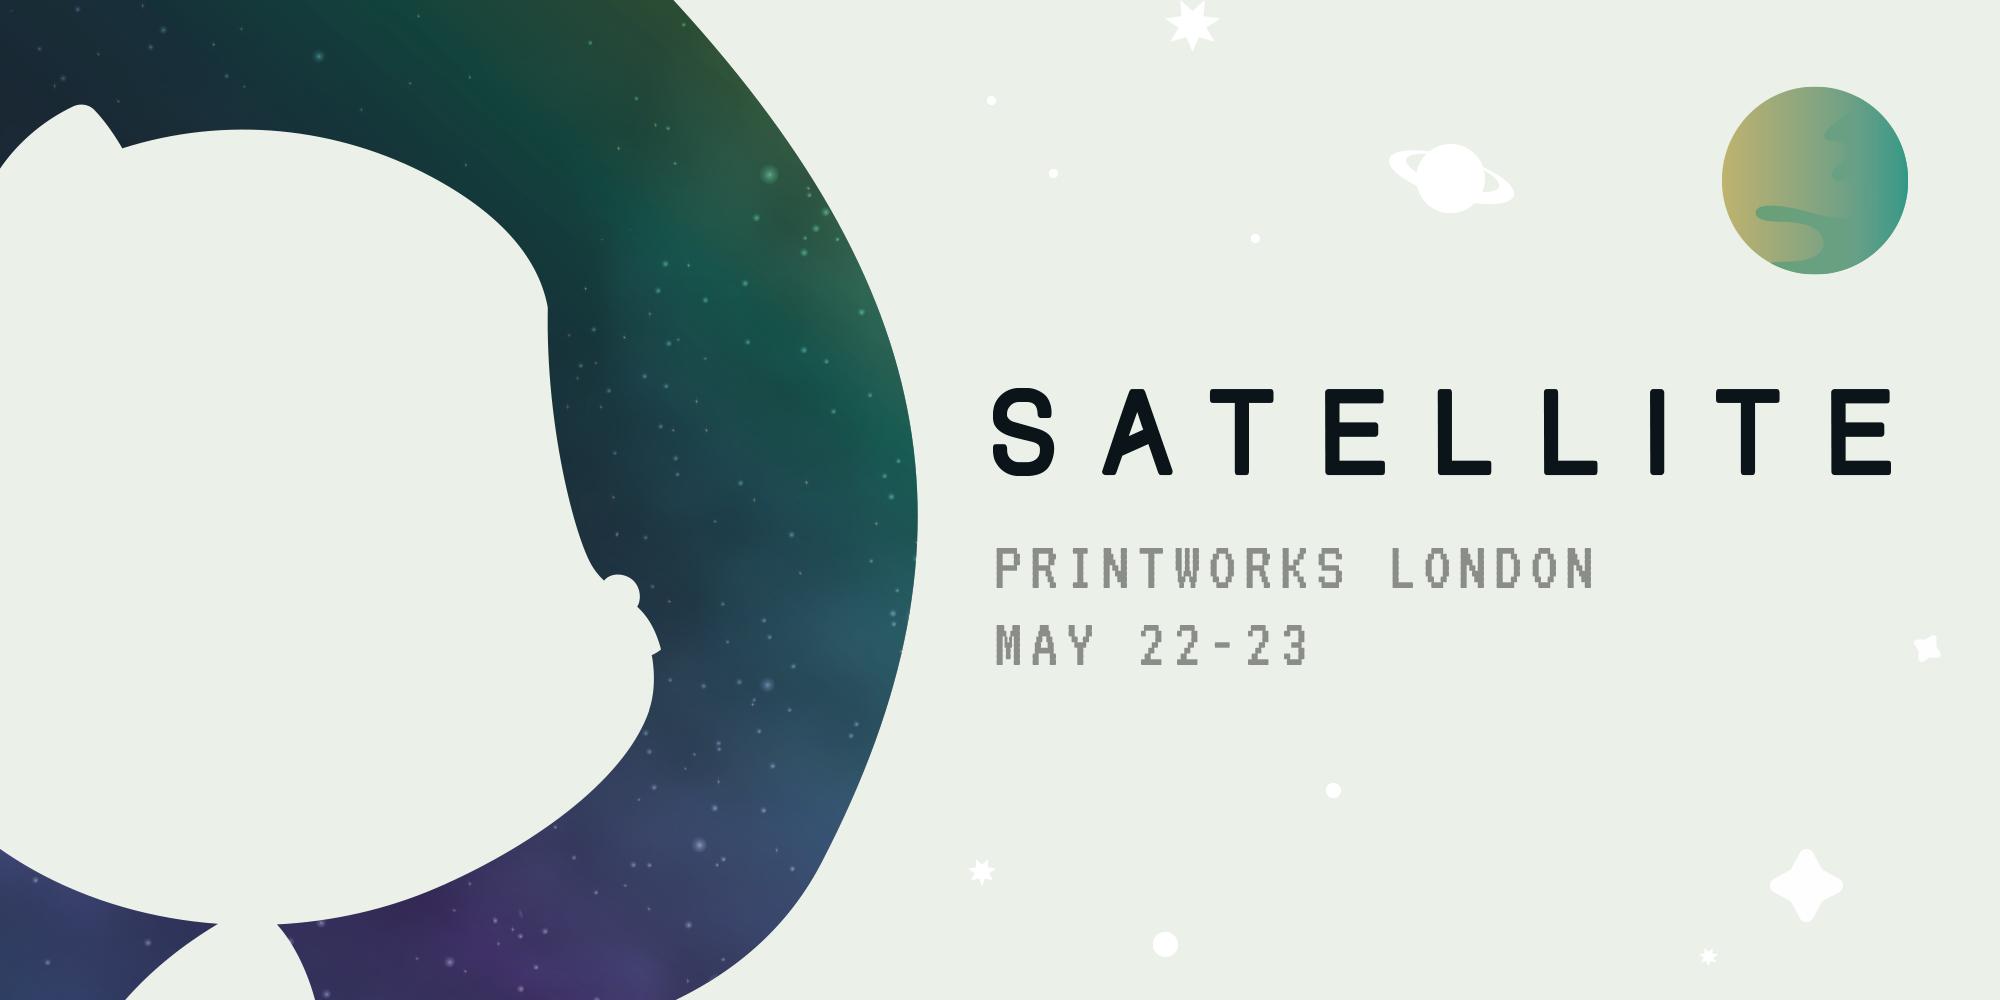 GitHub Satellite, Printworks London, May 22-23